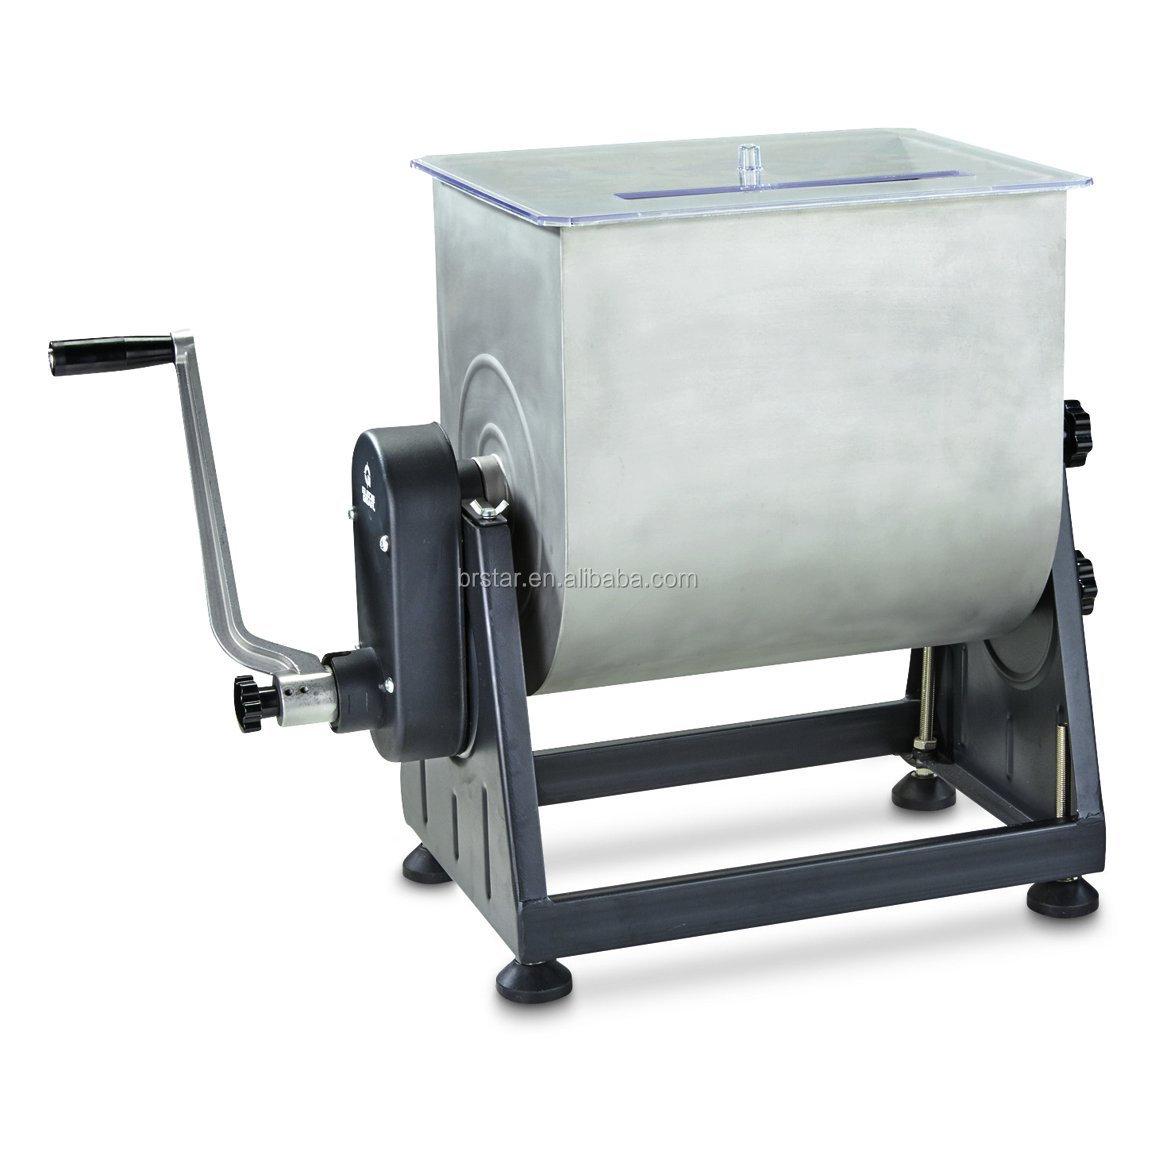 7 gallon elettrico robot da cucina/tritacarne elettrico collegare mixer carne